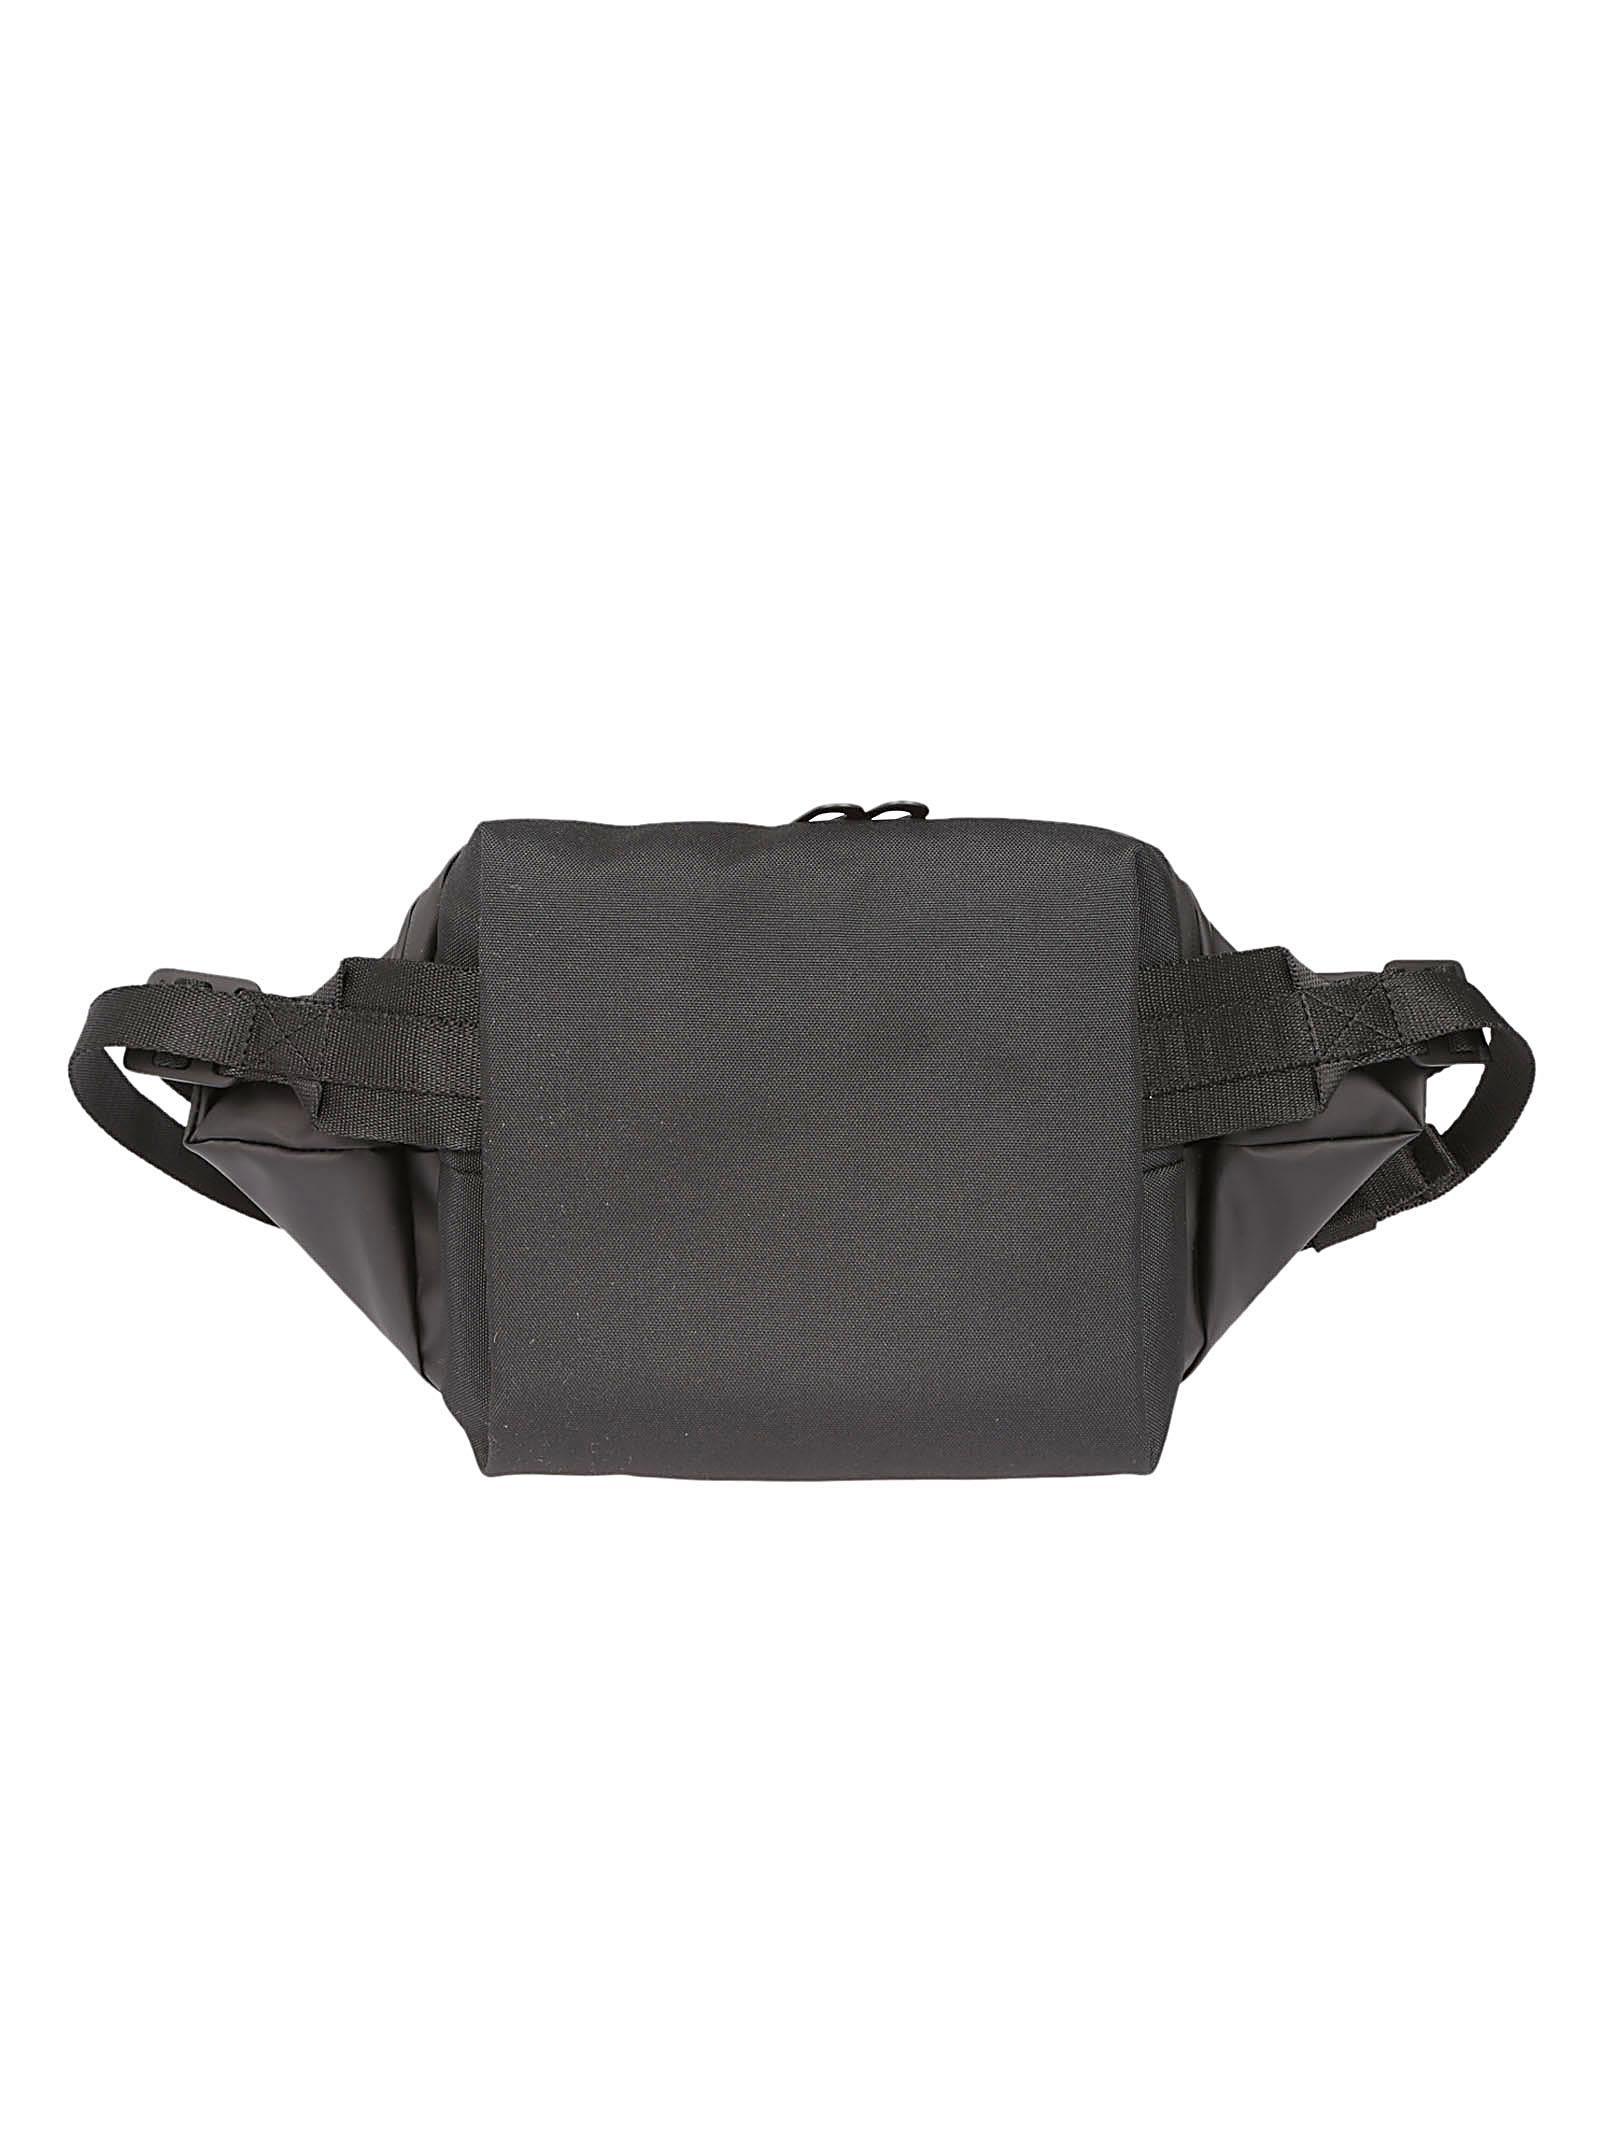 Cote & Ciel Obsidian Shoulder Bag